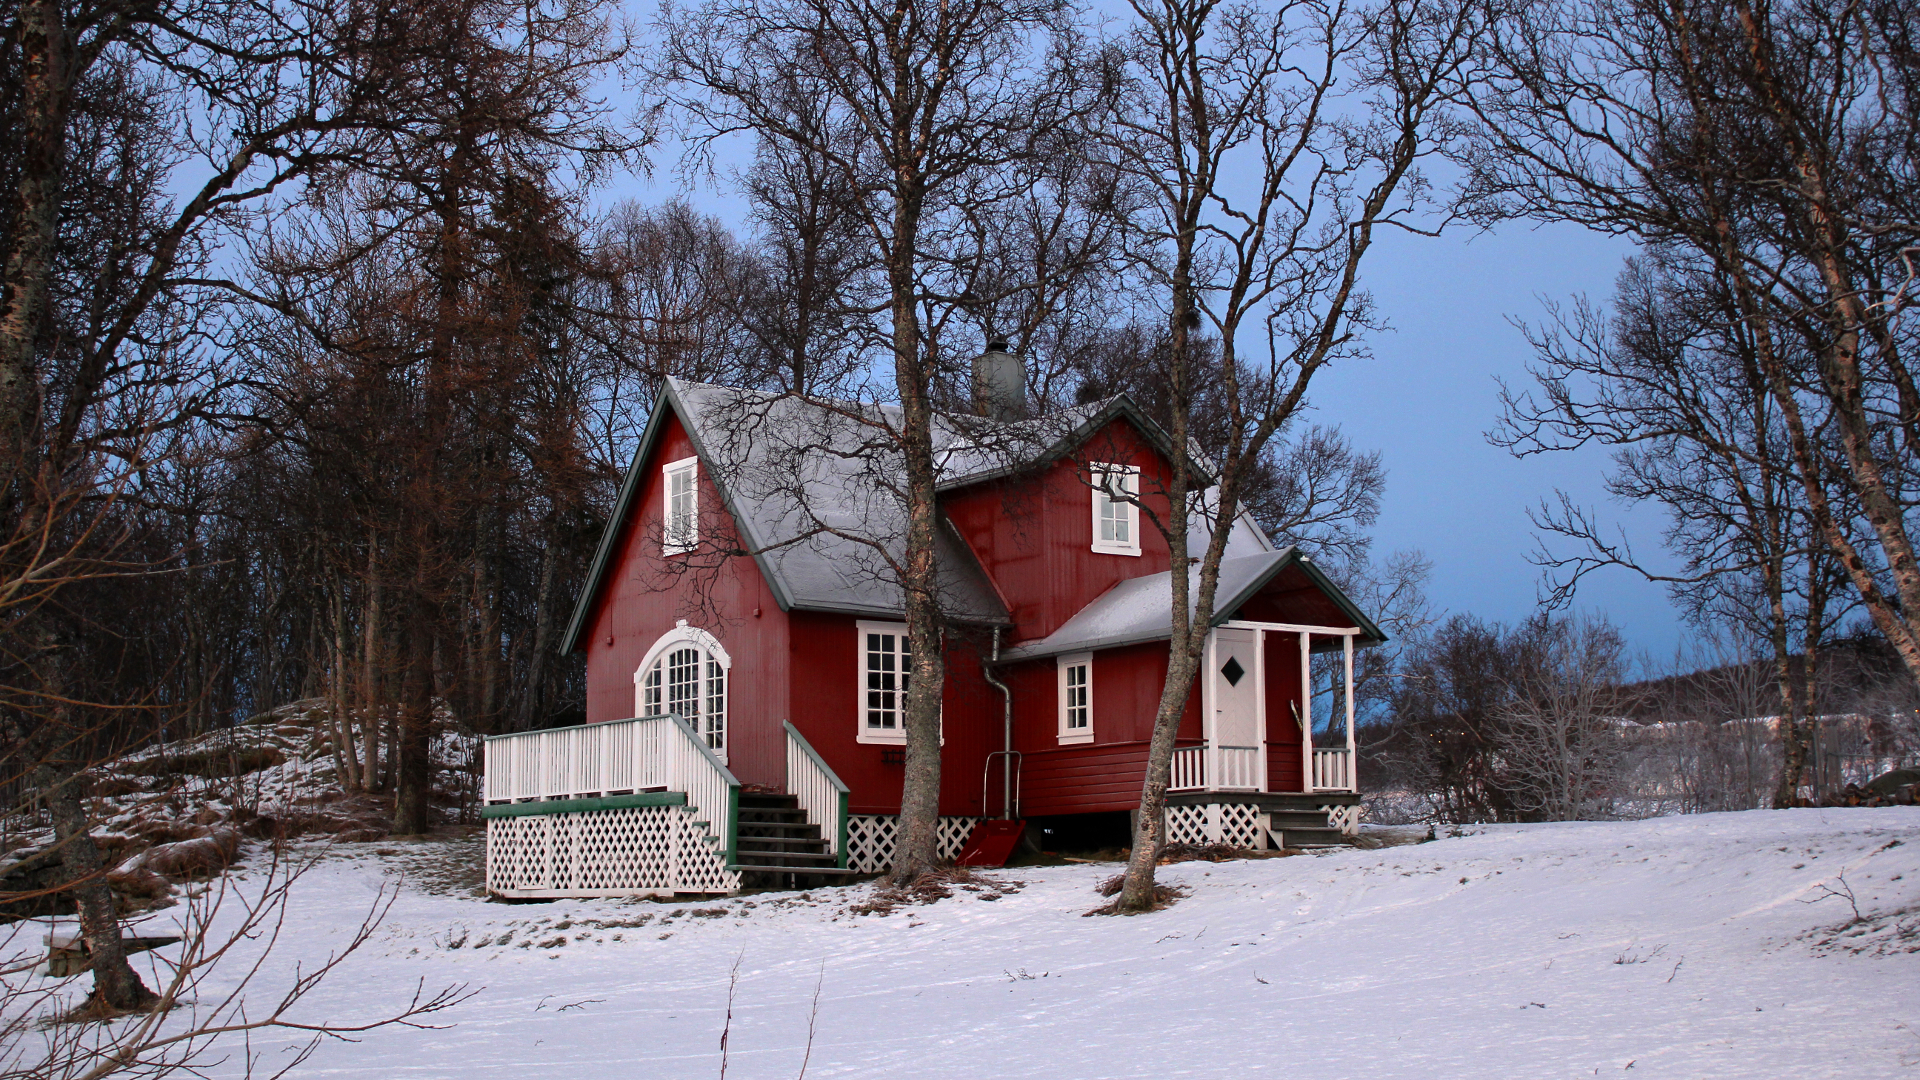 Lille Strandheim i vinterdrakt. Foto: Siri Uldal (CC BY-SA) via Wikimedia Commons